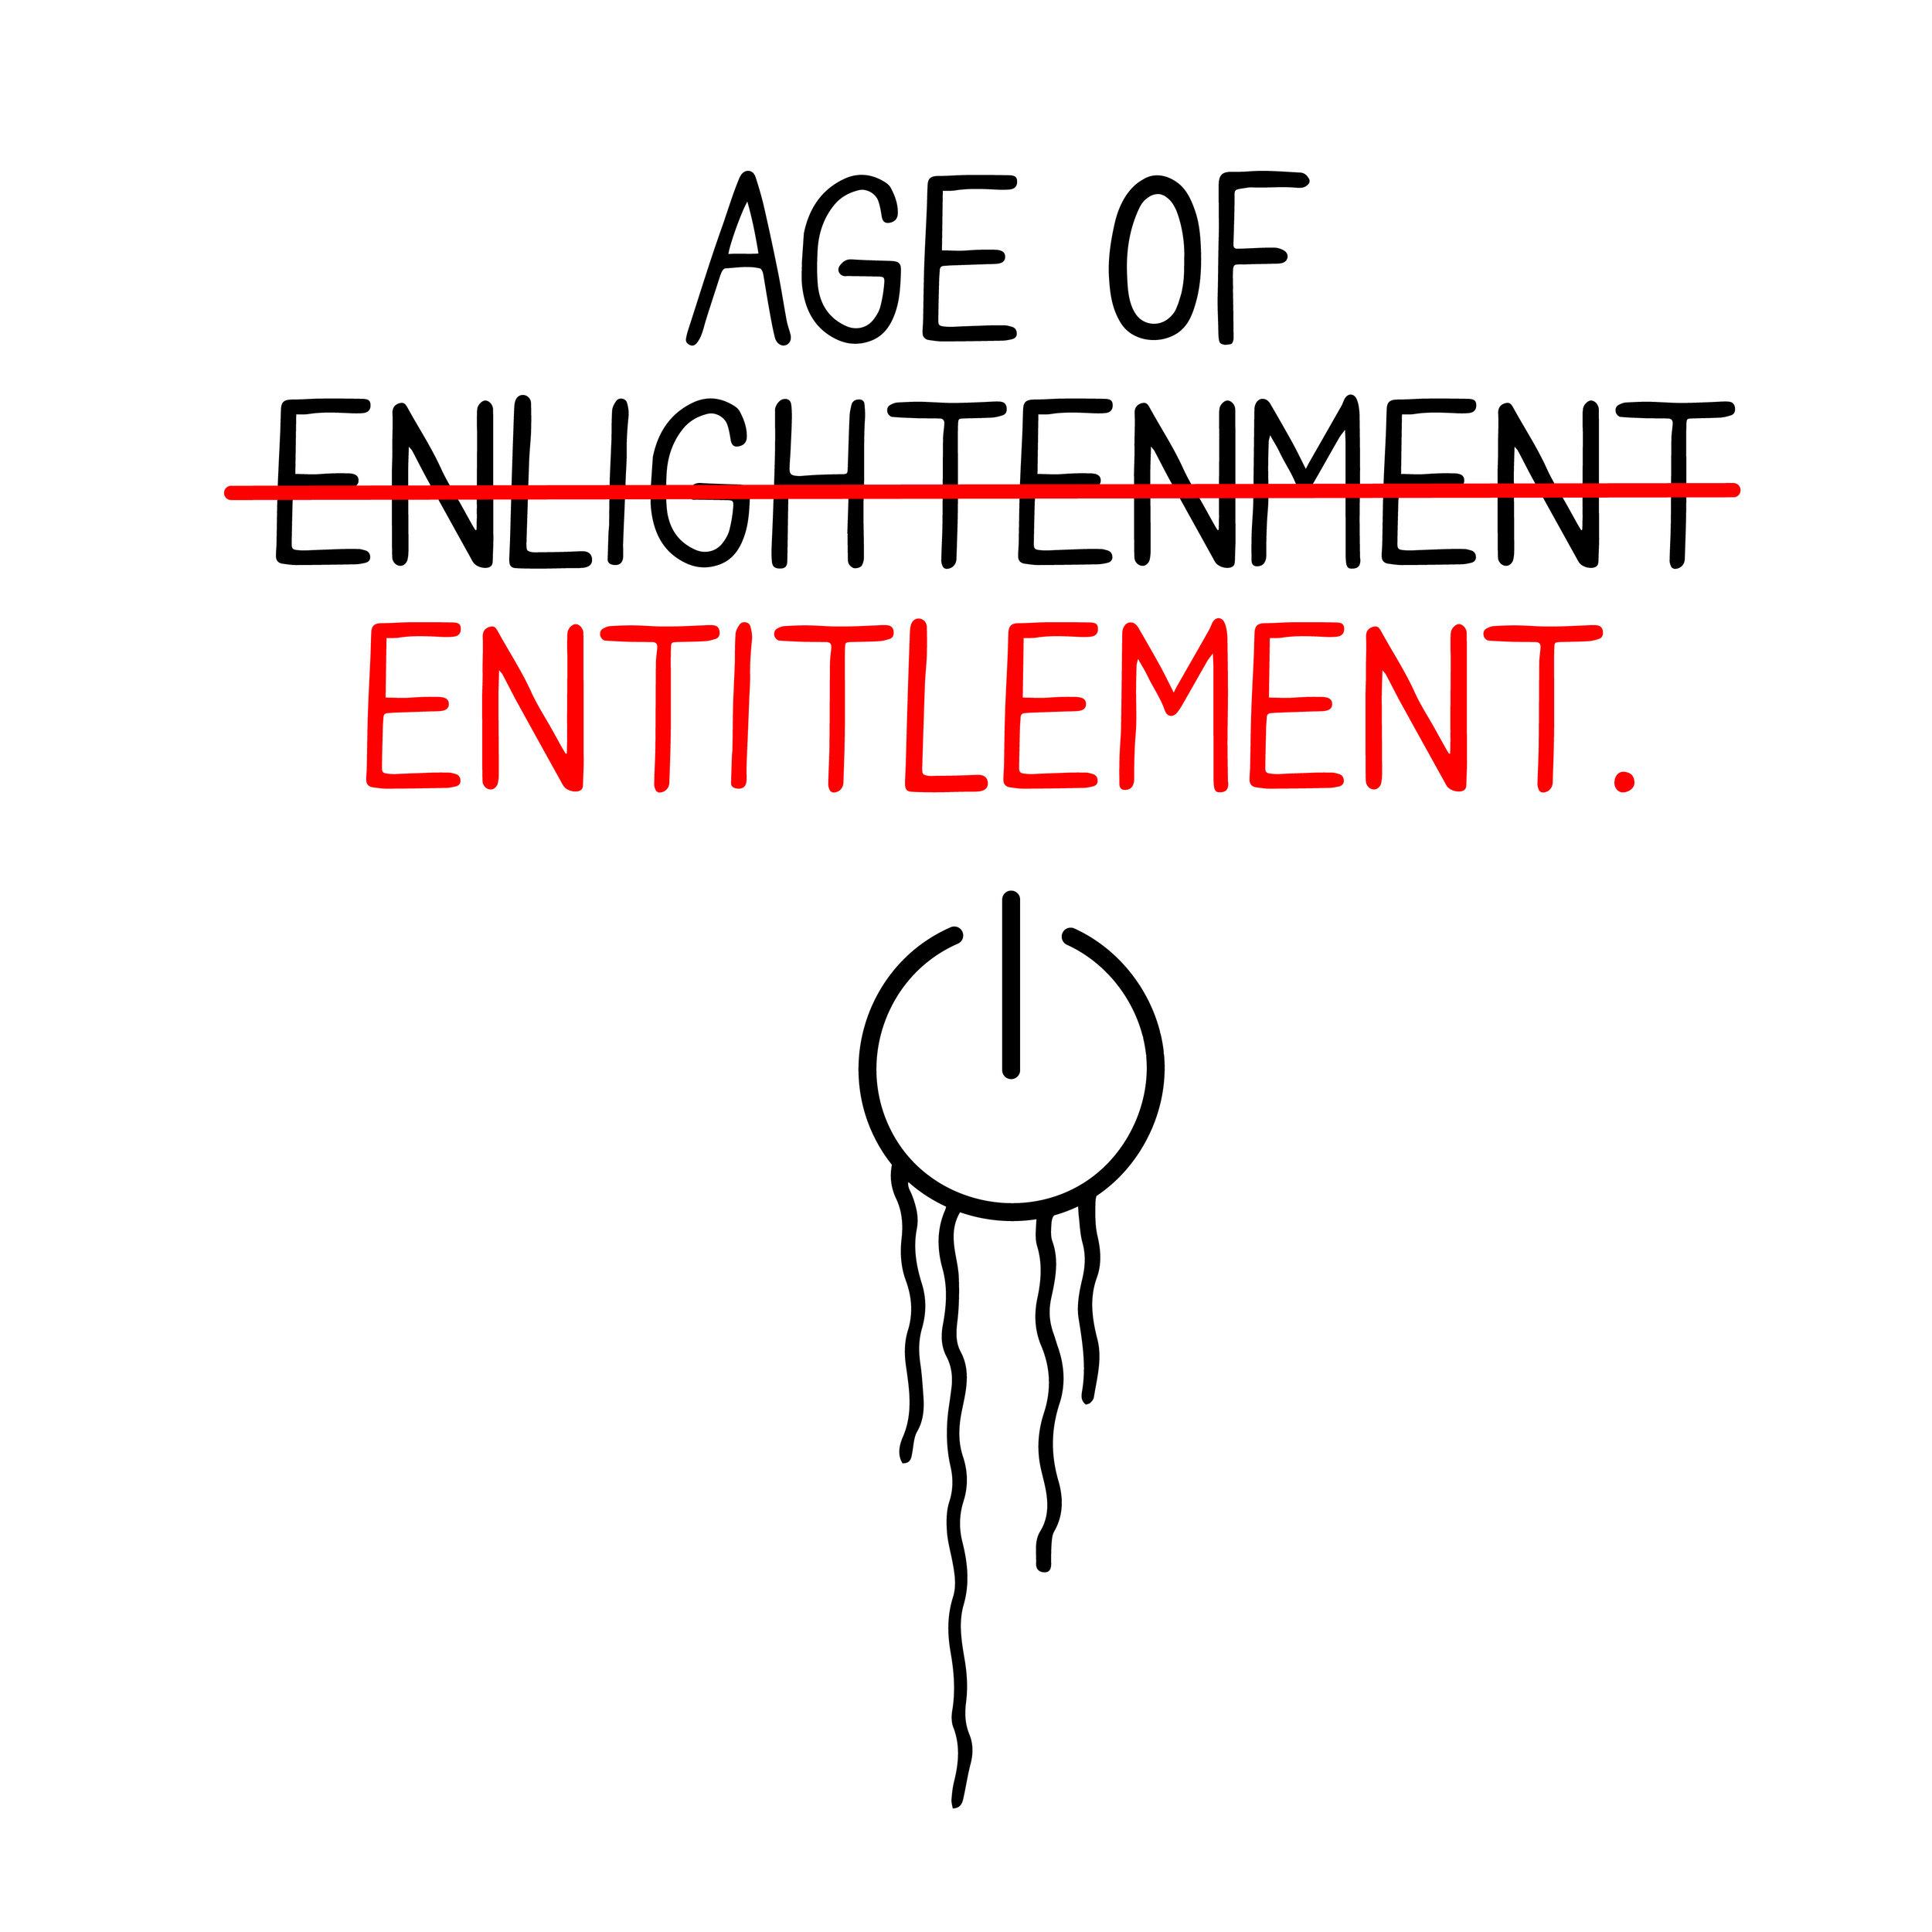 ENTITLEMENT-01.jpg